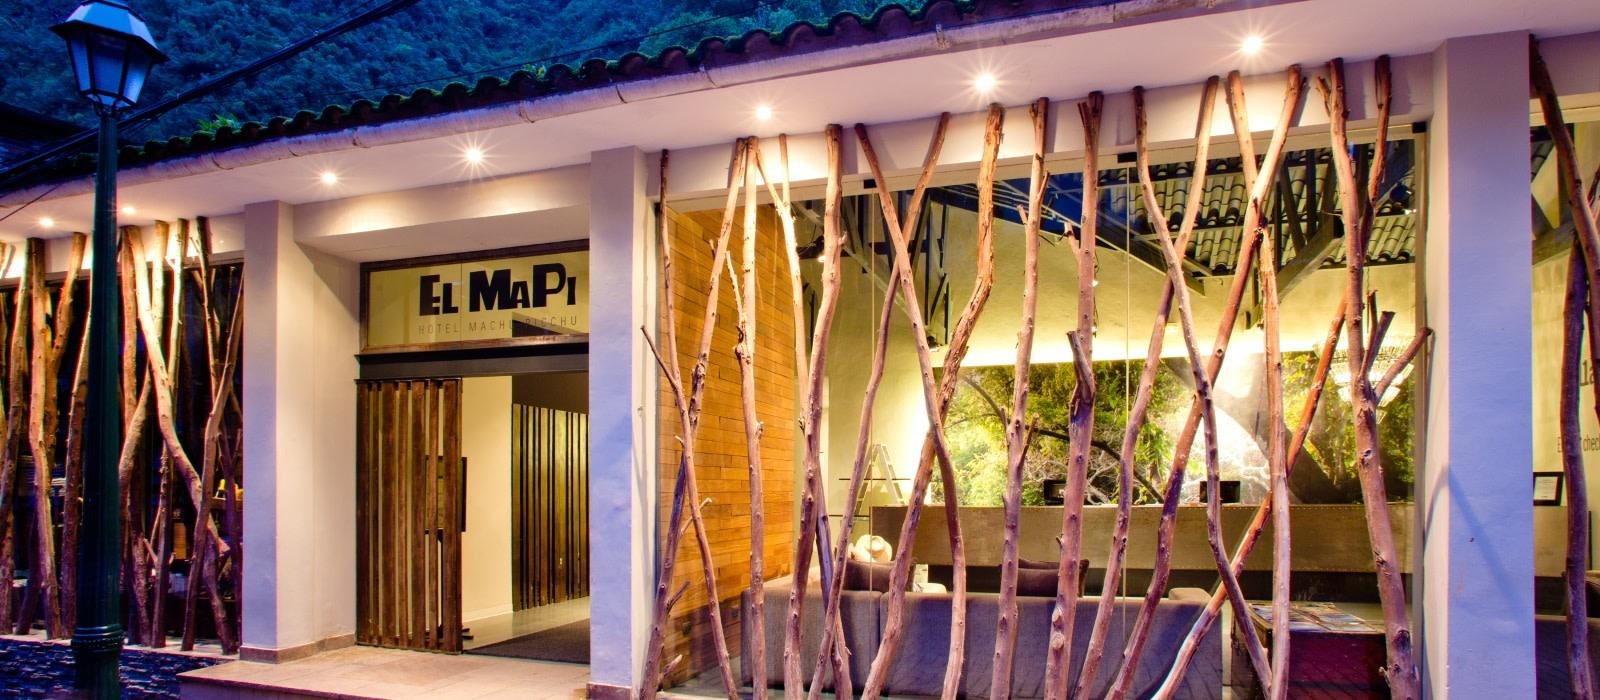 Hotel El Mapi Peru